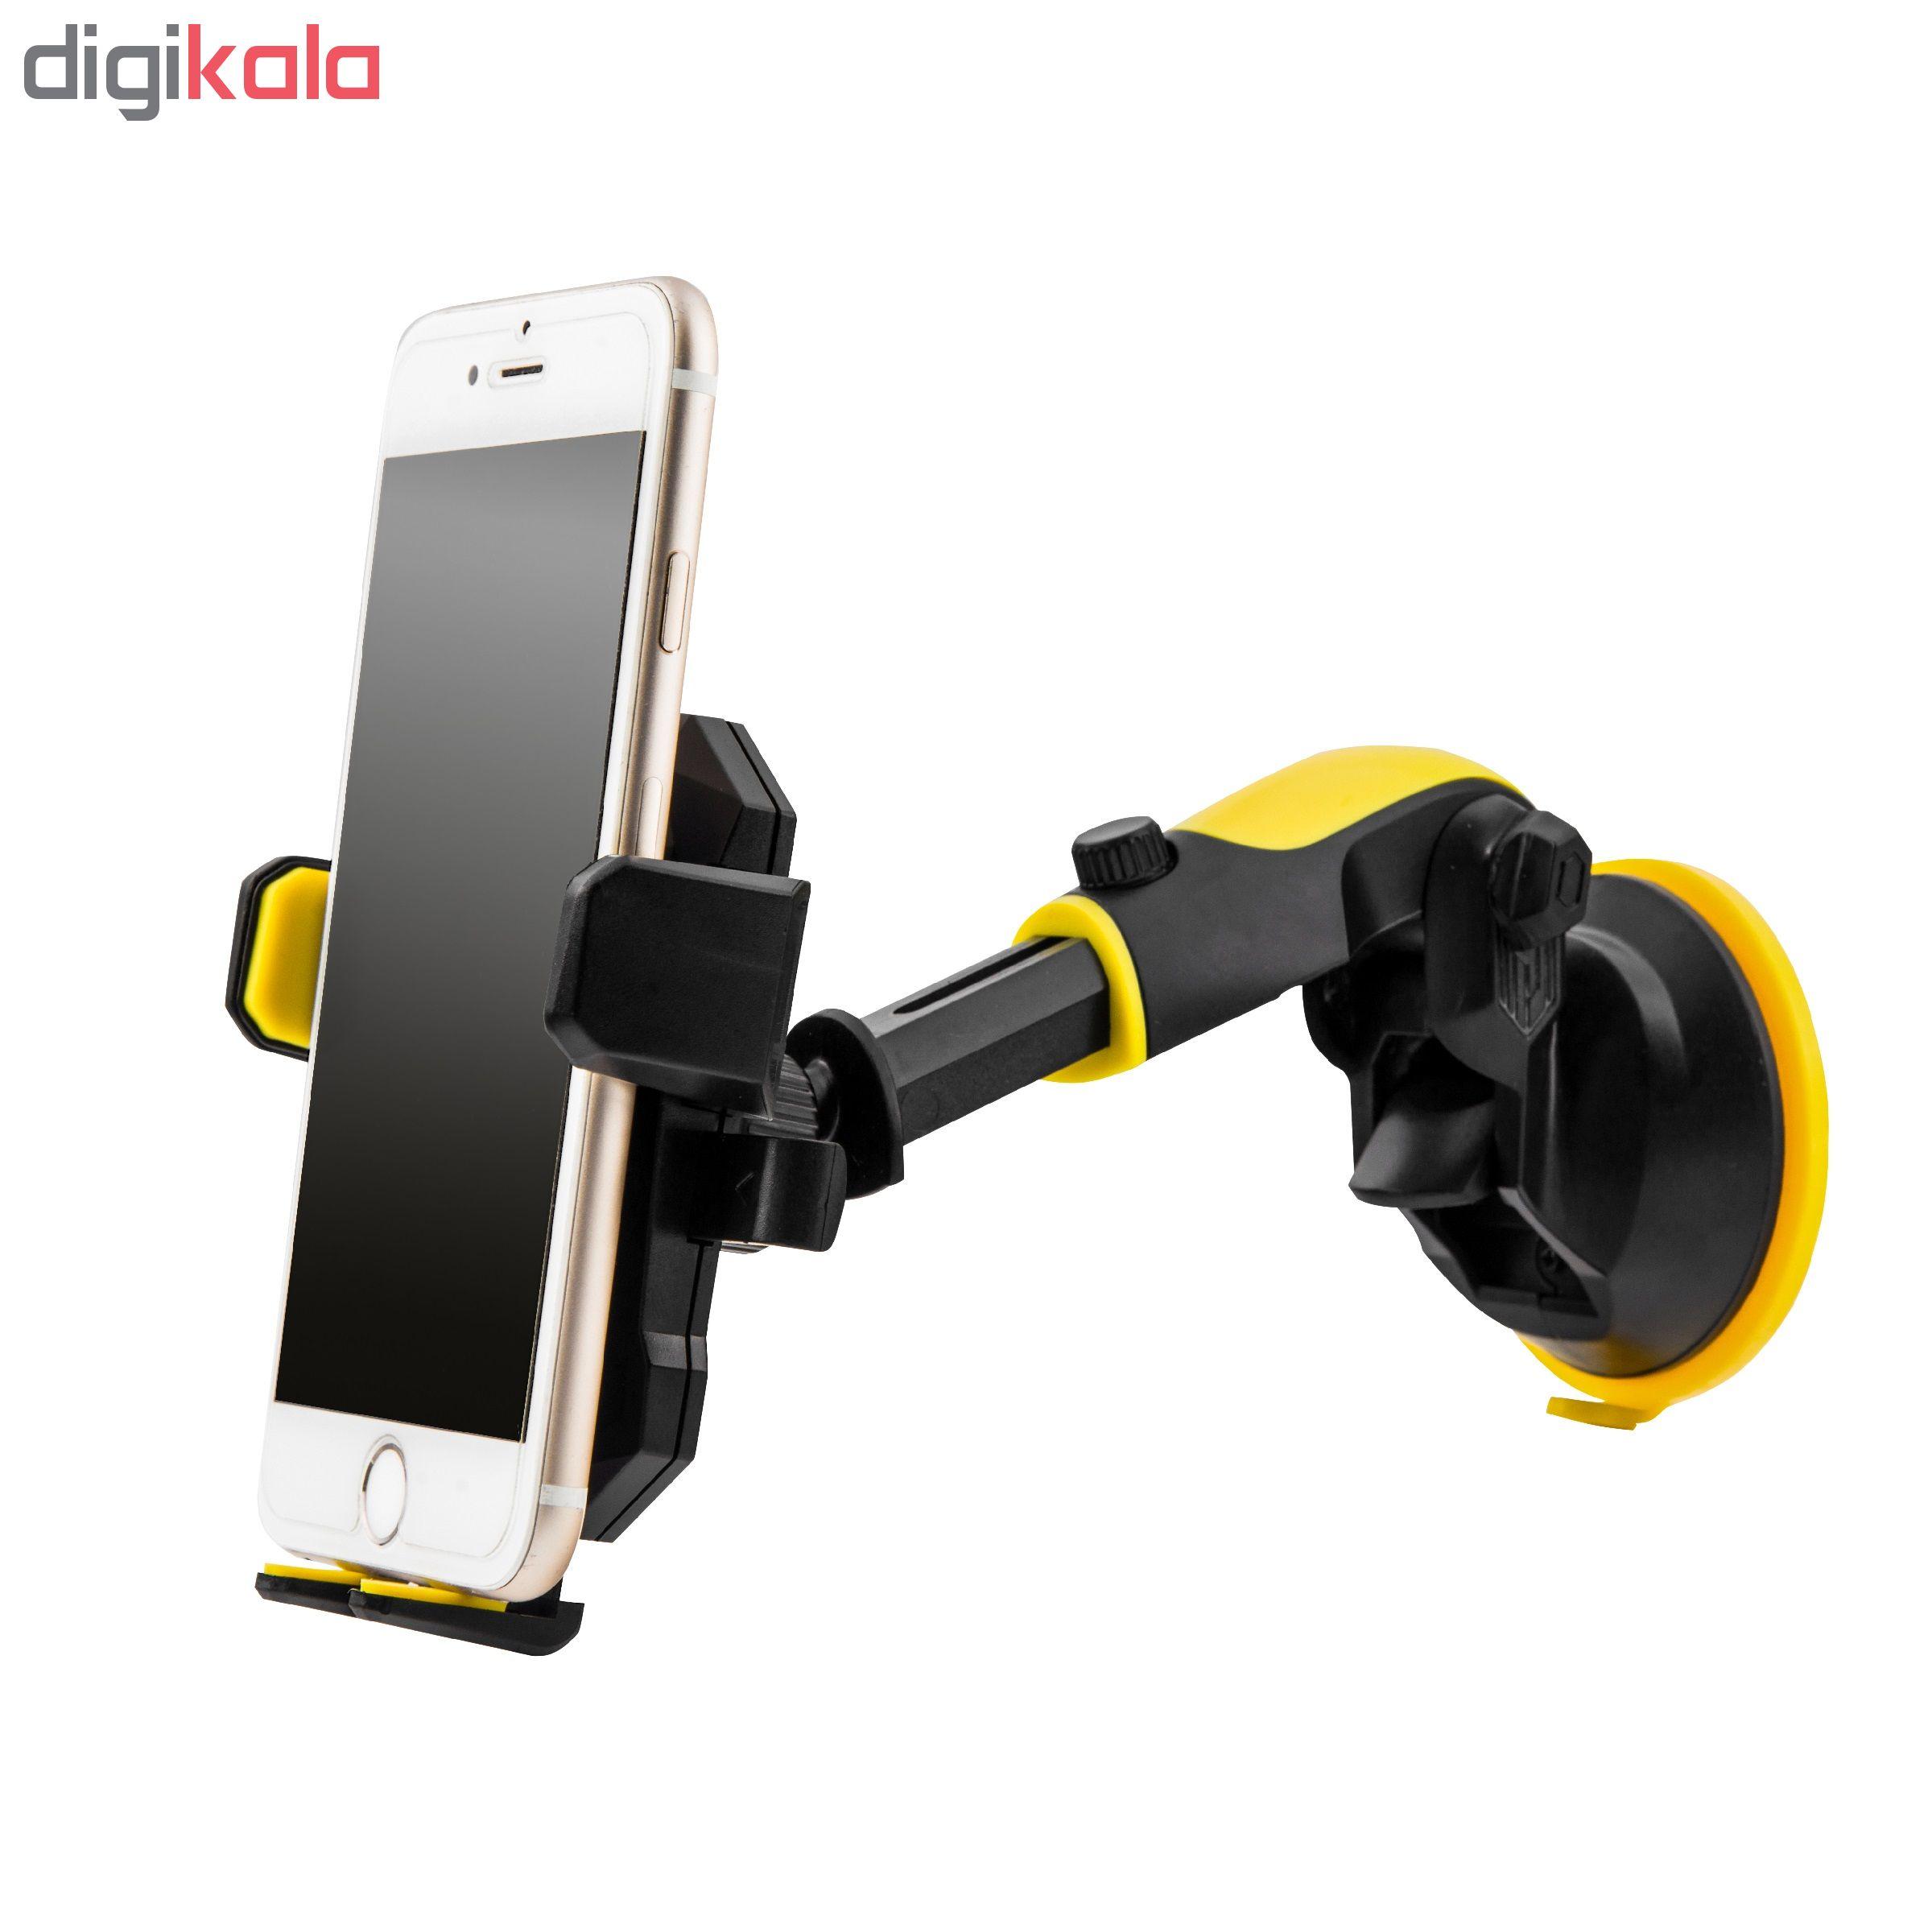 پایه نگهدارنده گوشی موبایل کلومن مدل K-HD008